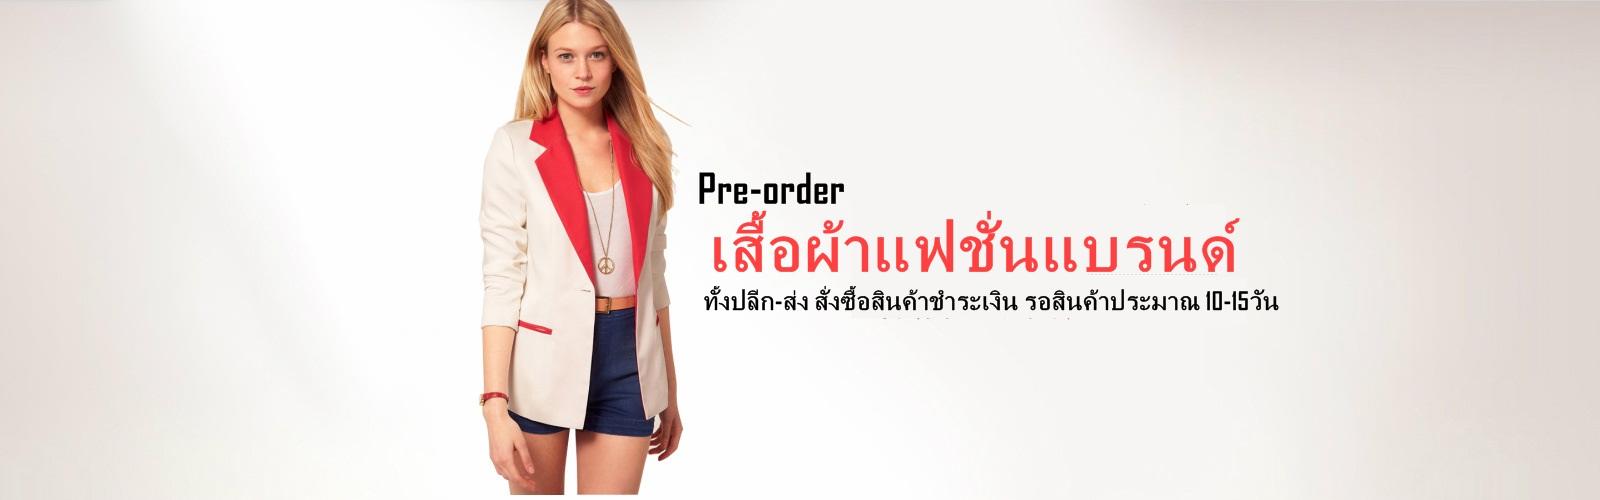 Pre Order เสื้อผ้าแฟชั่นราคาถูก เสื้อผ้าแฟชั่นเกาหลี